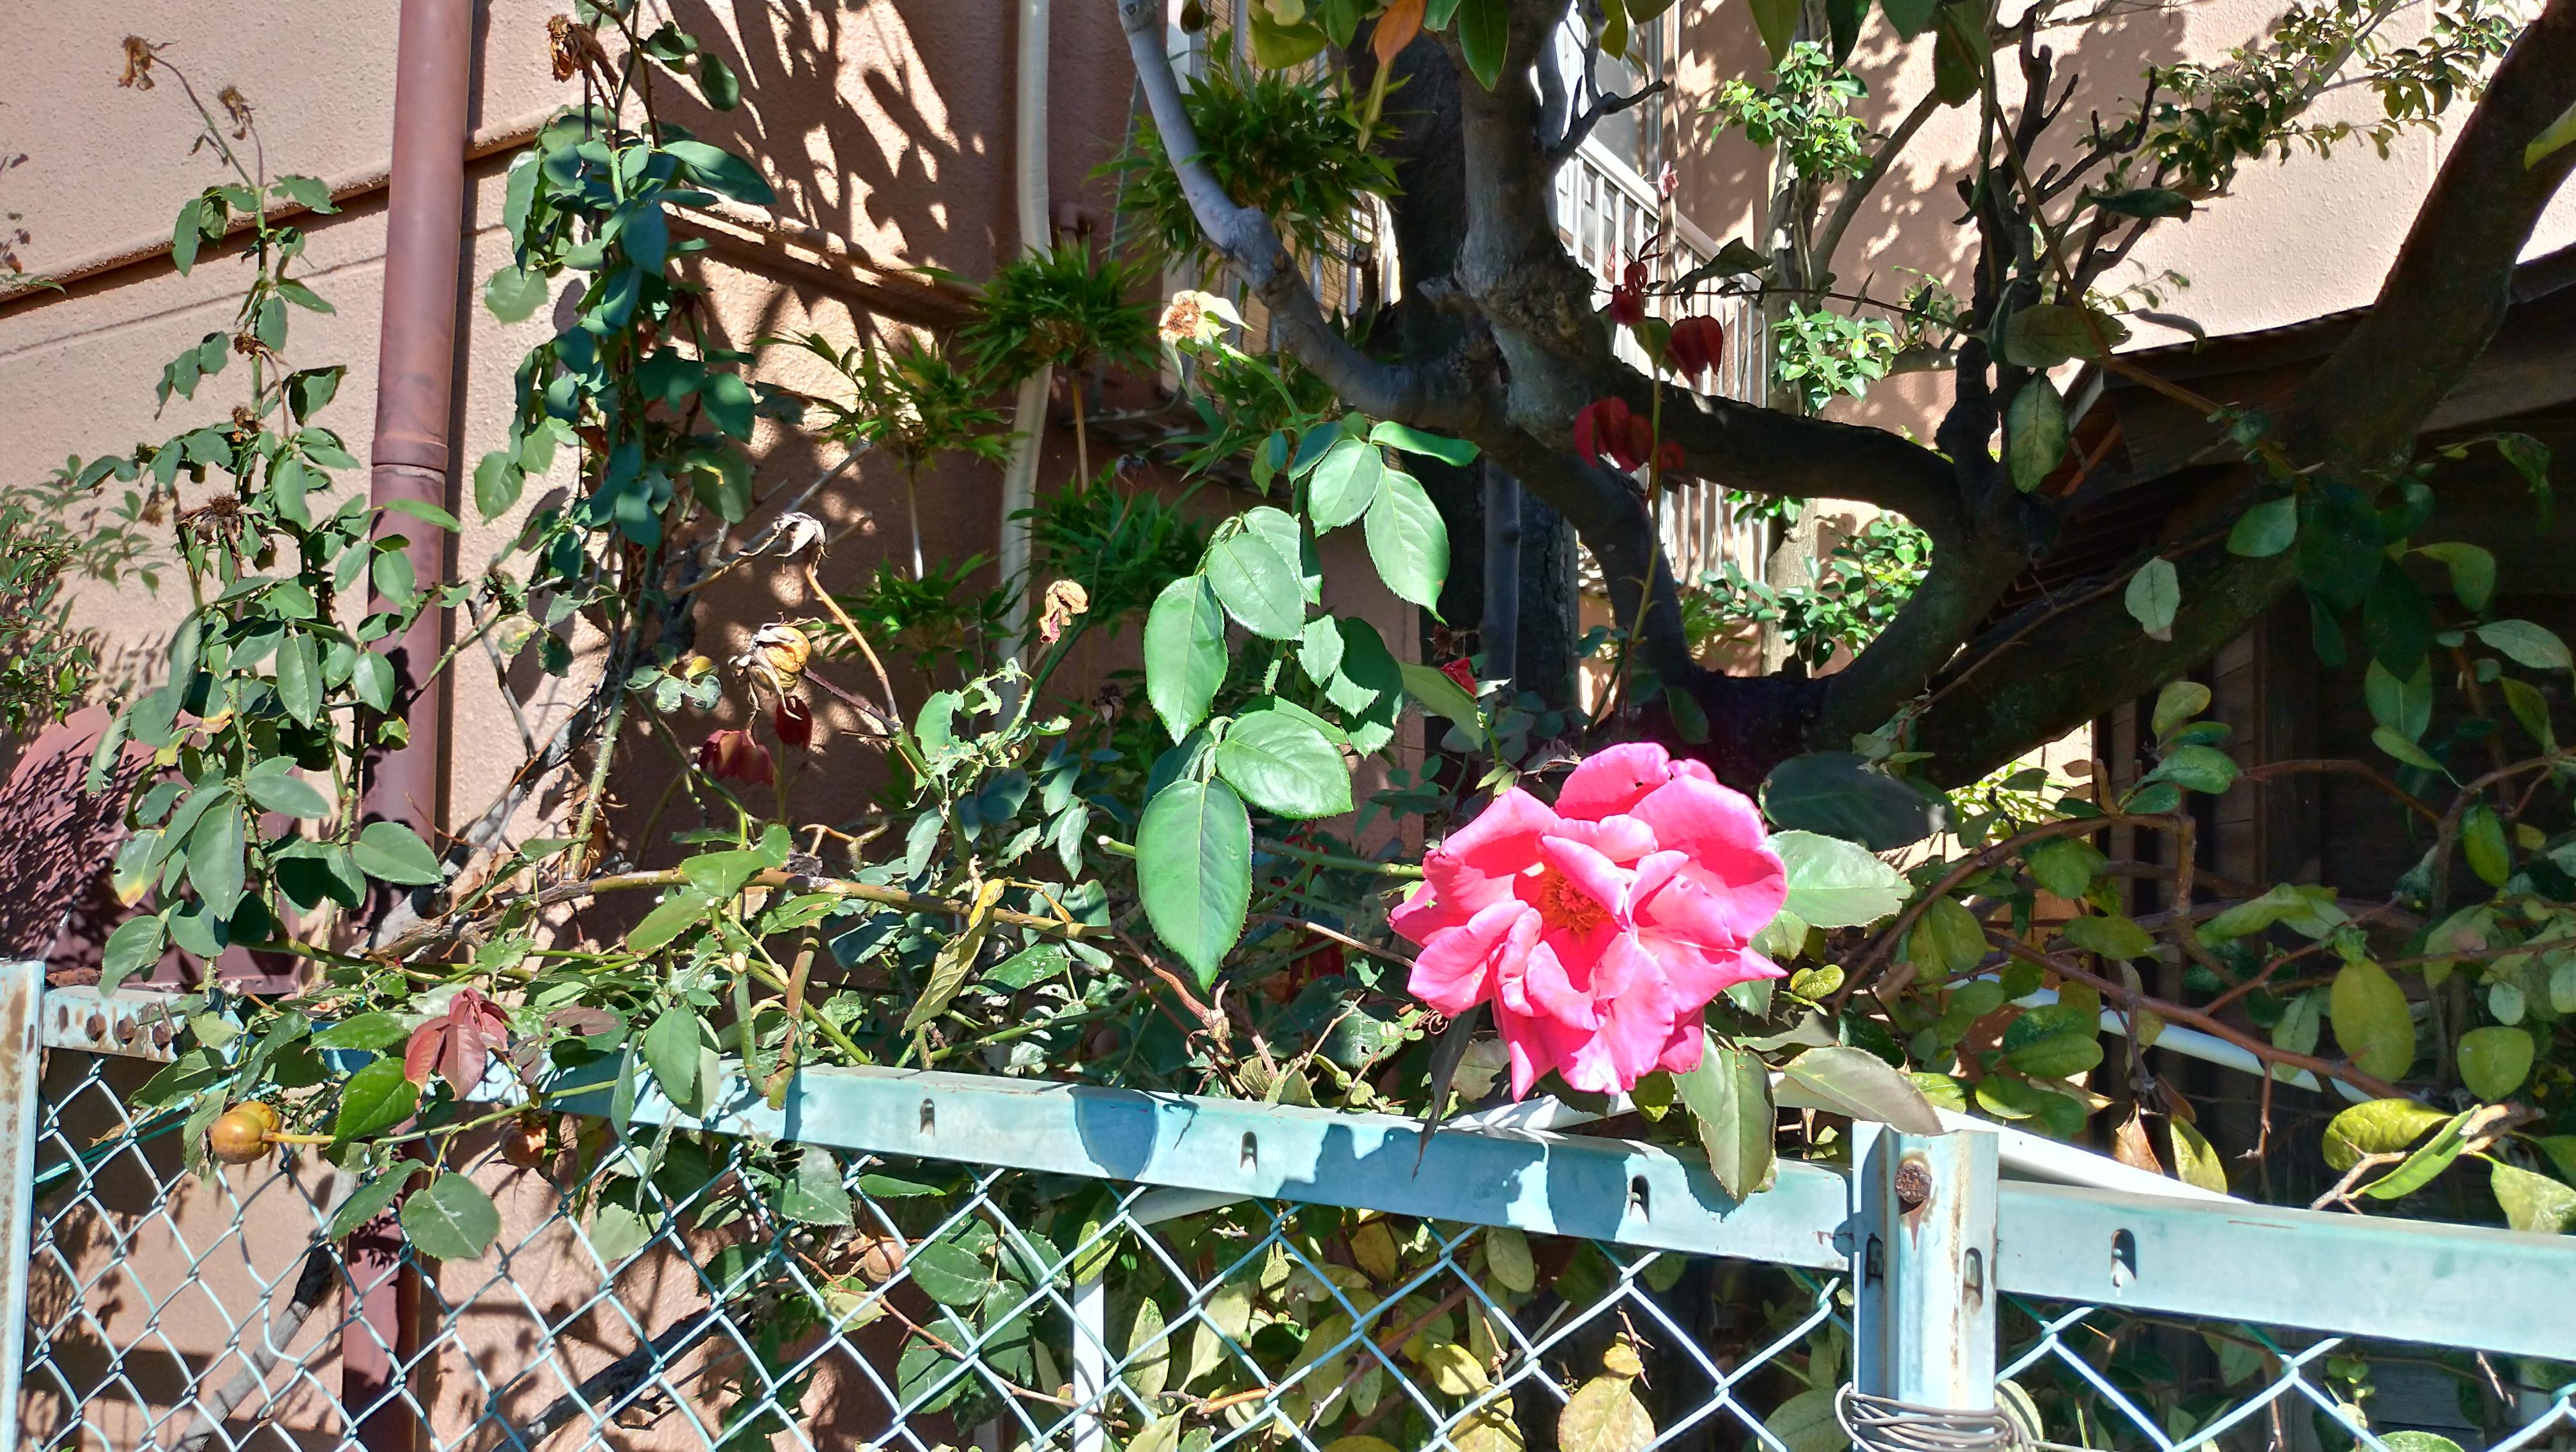 被子植物について「バラ」から学ぶ